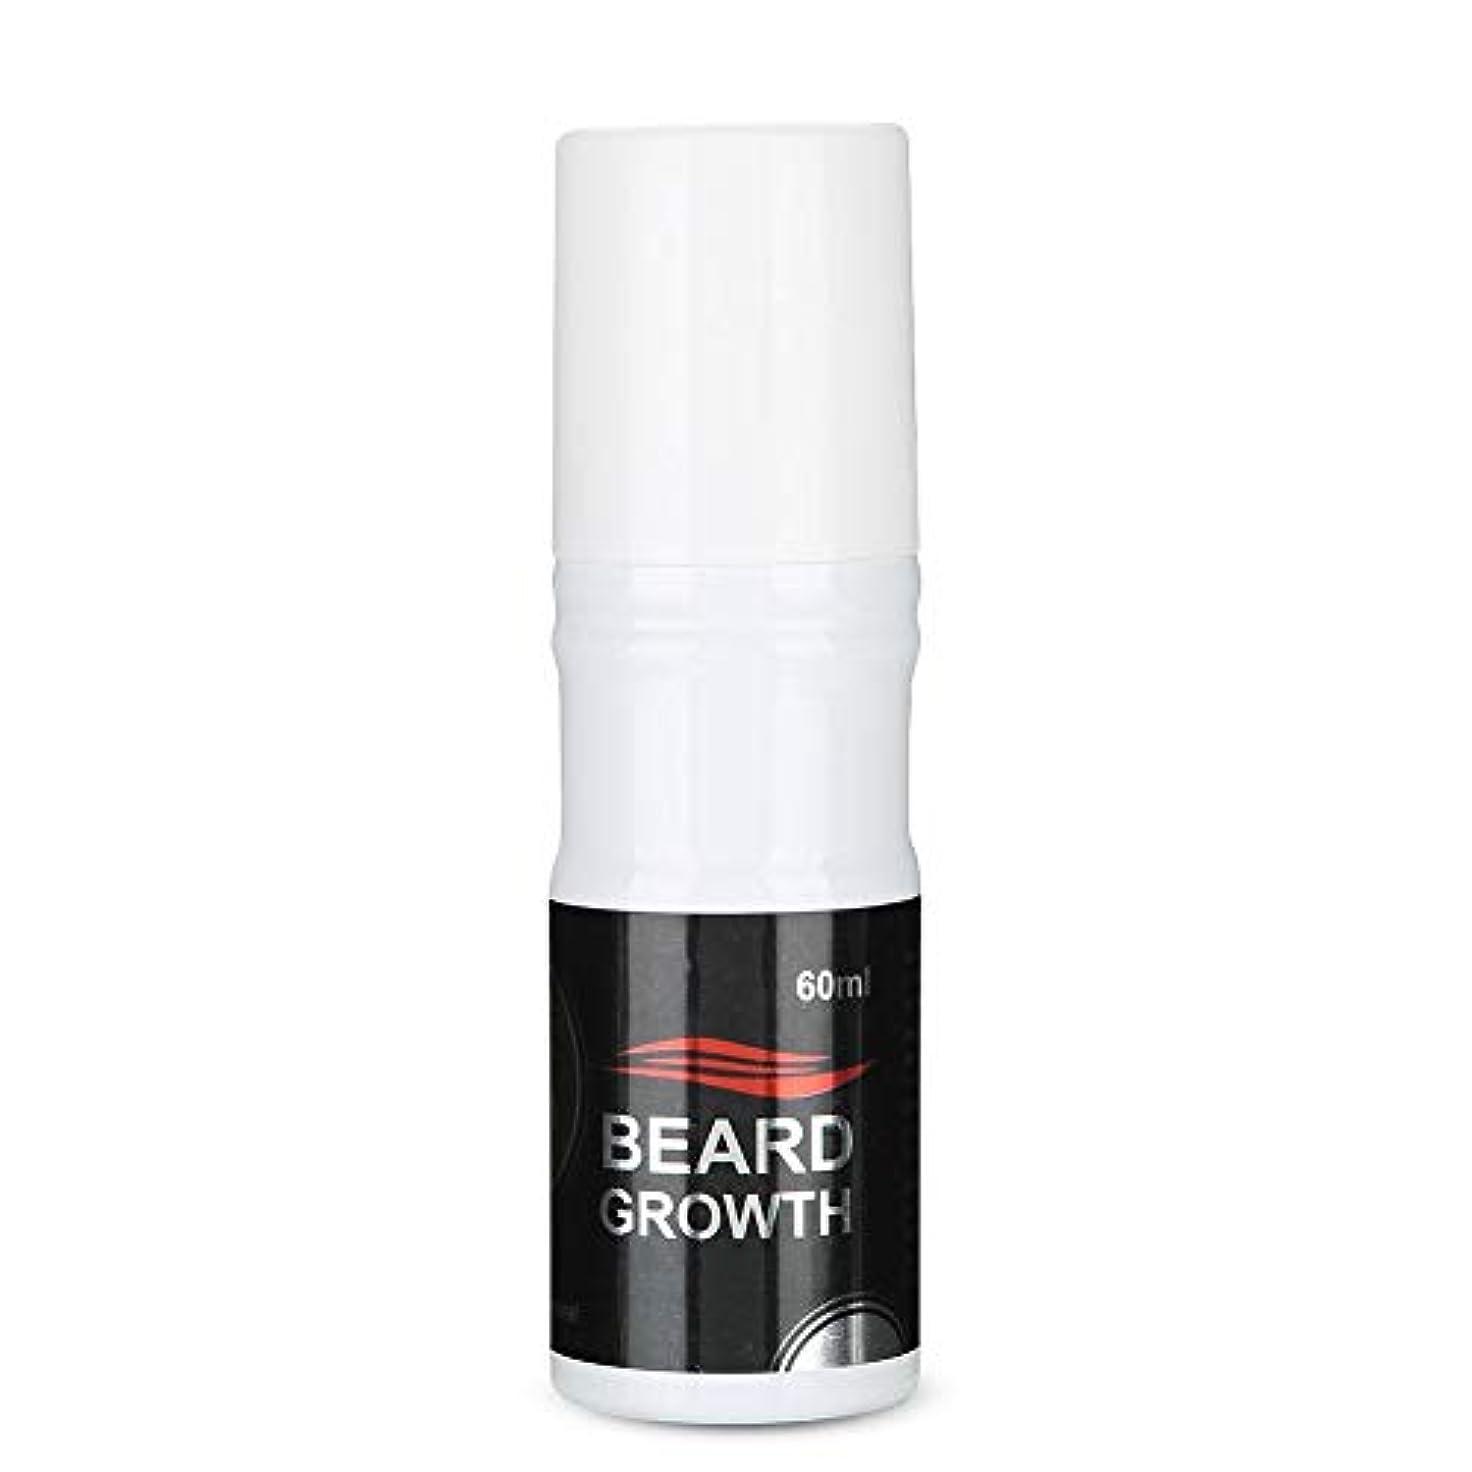 仕事開始最悪Semme 60ml男性のひげの成長のスプレー、より厚いのための自然で加速するひげの成長オイルの顔の毛の成長Lequidおよびより完全なひげ